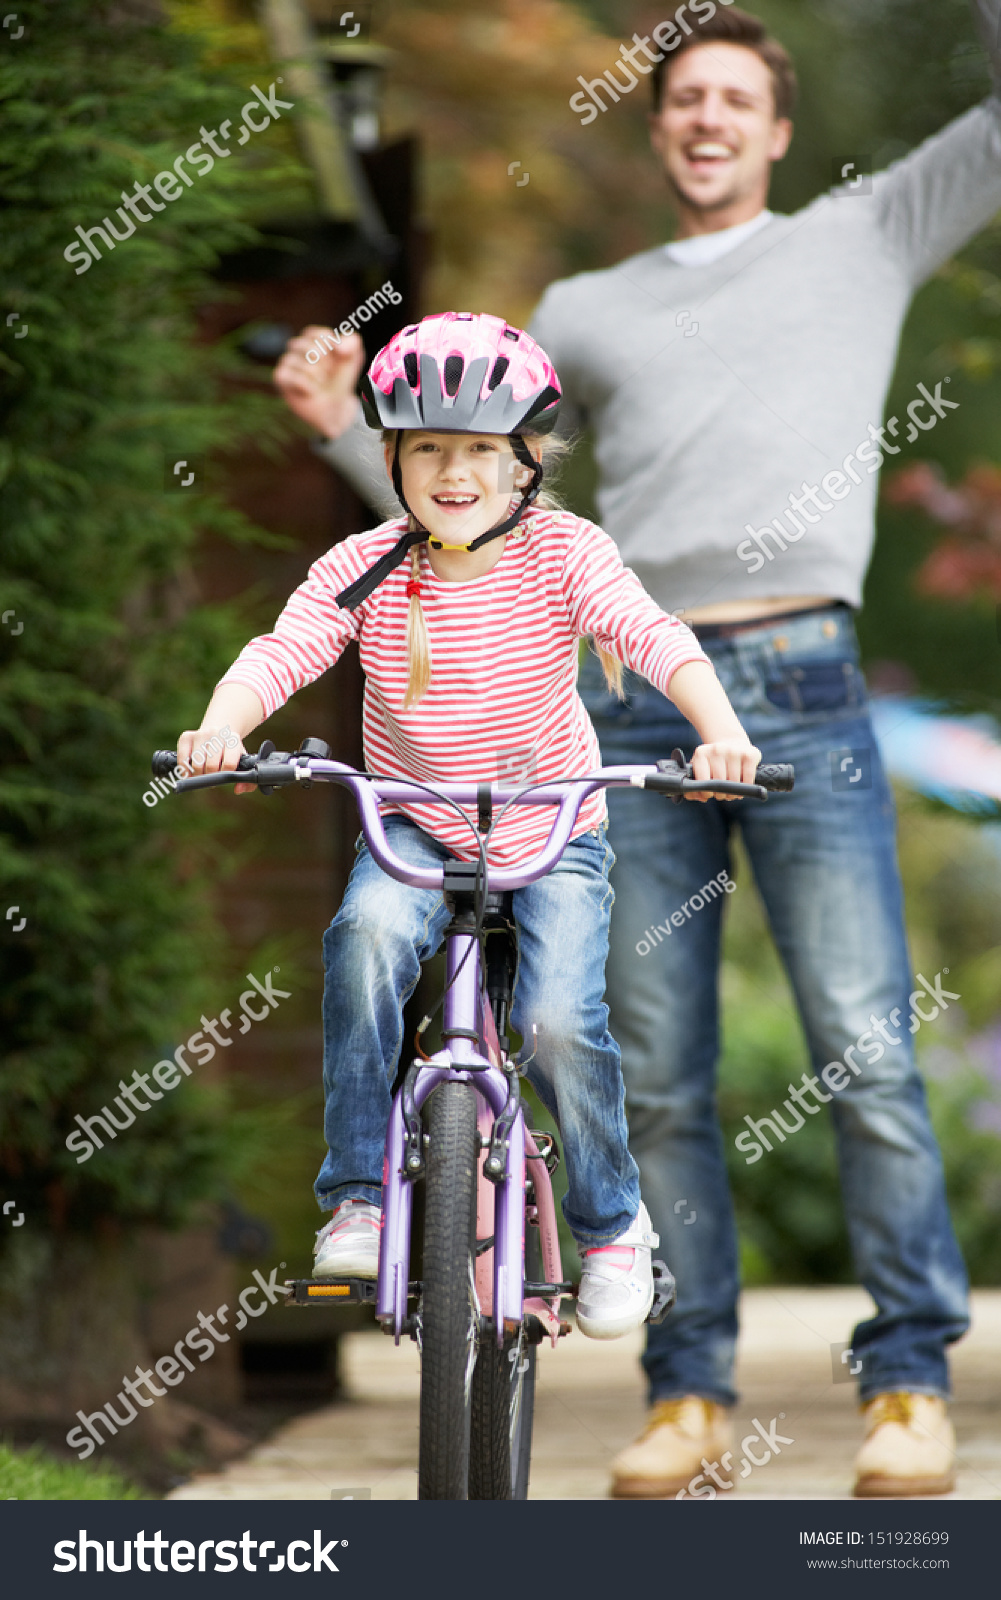 Daughter rides dad